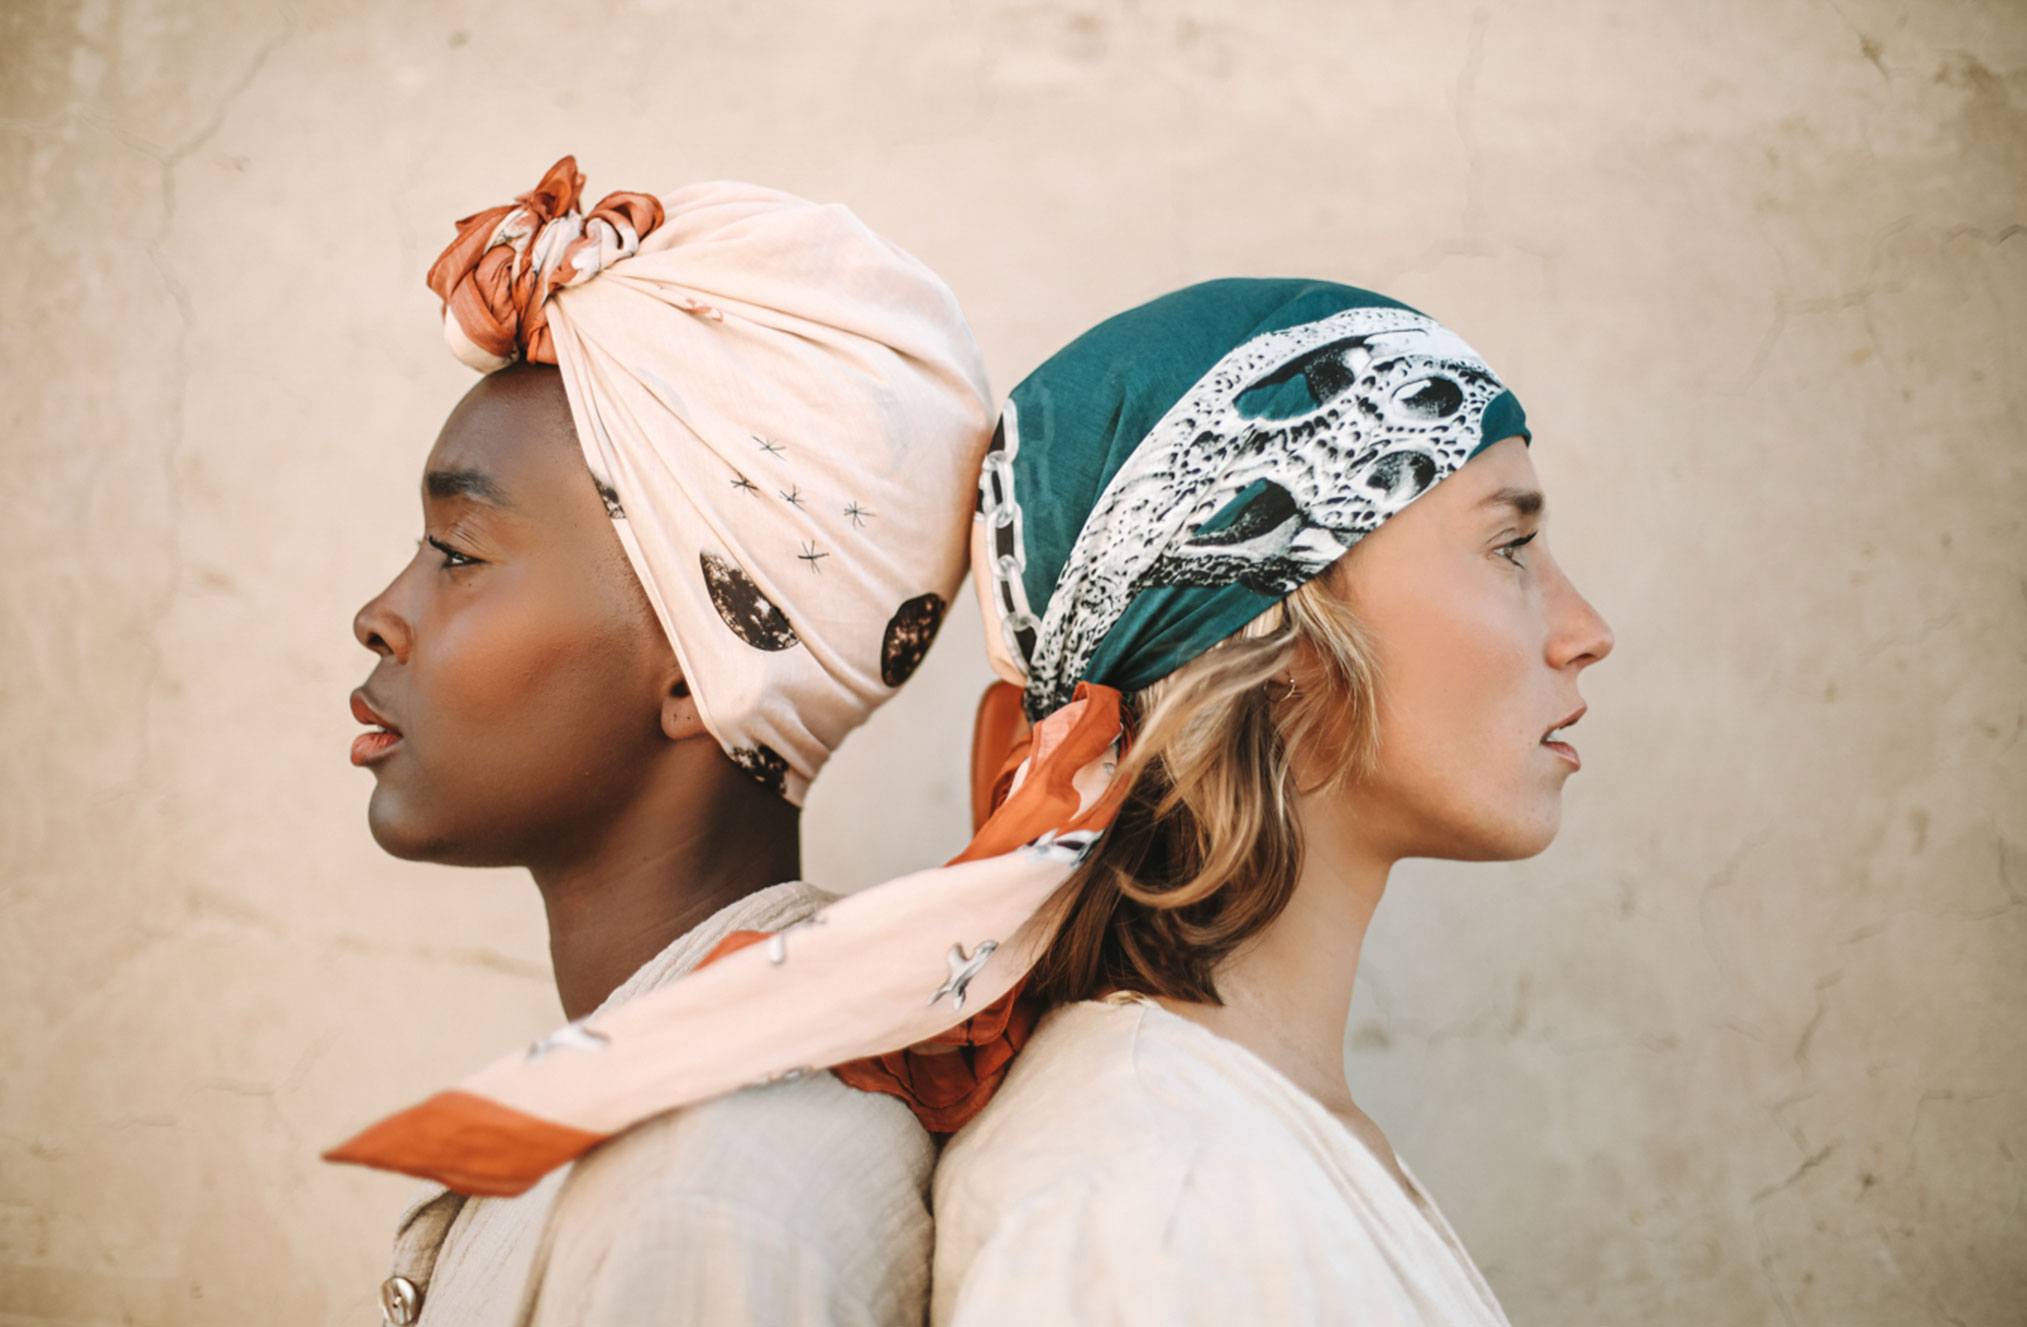 Поездка по Марокко в рекламе шляп, косынок и бандан Fringe and Frange / фото 13